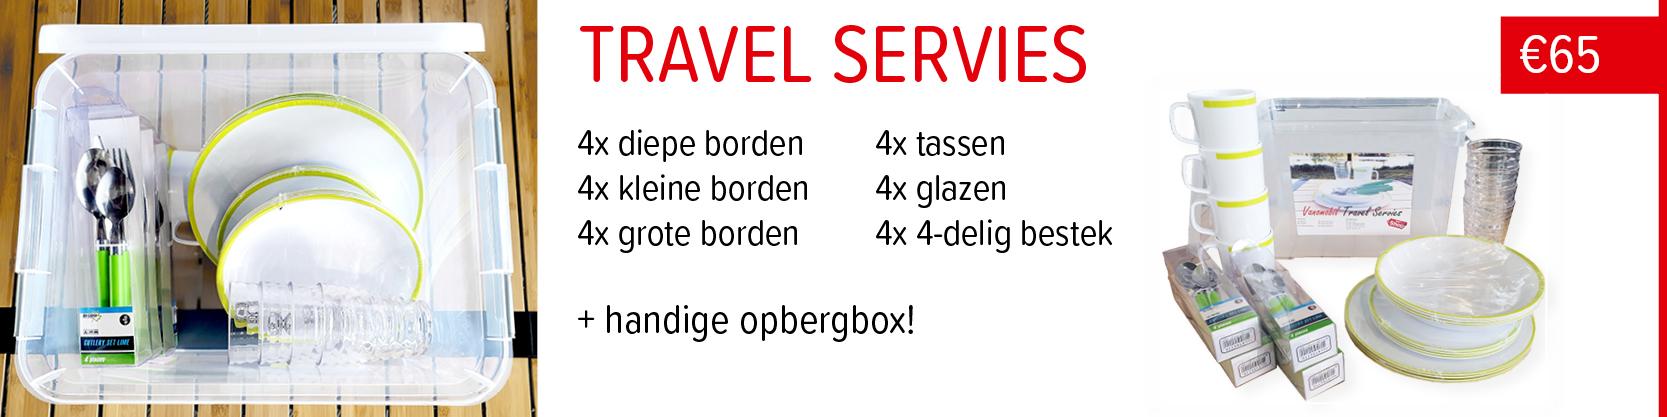 Vanomobil travel servies